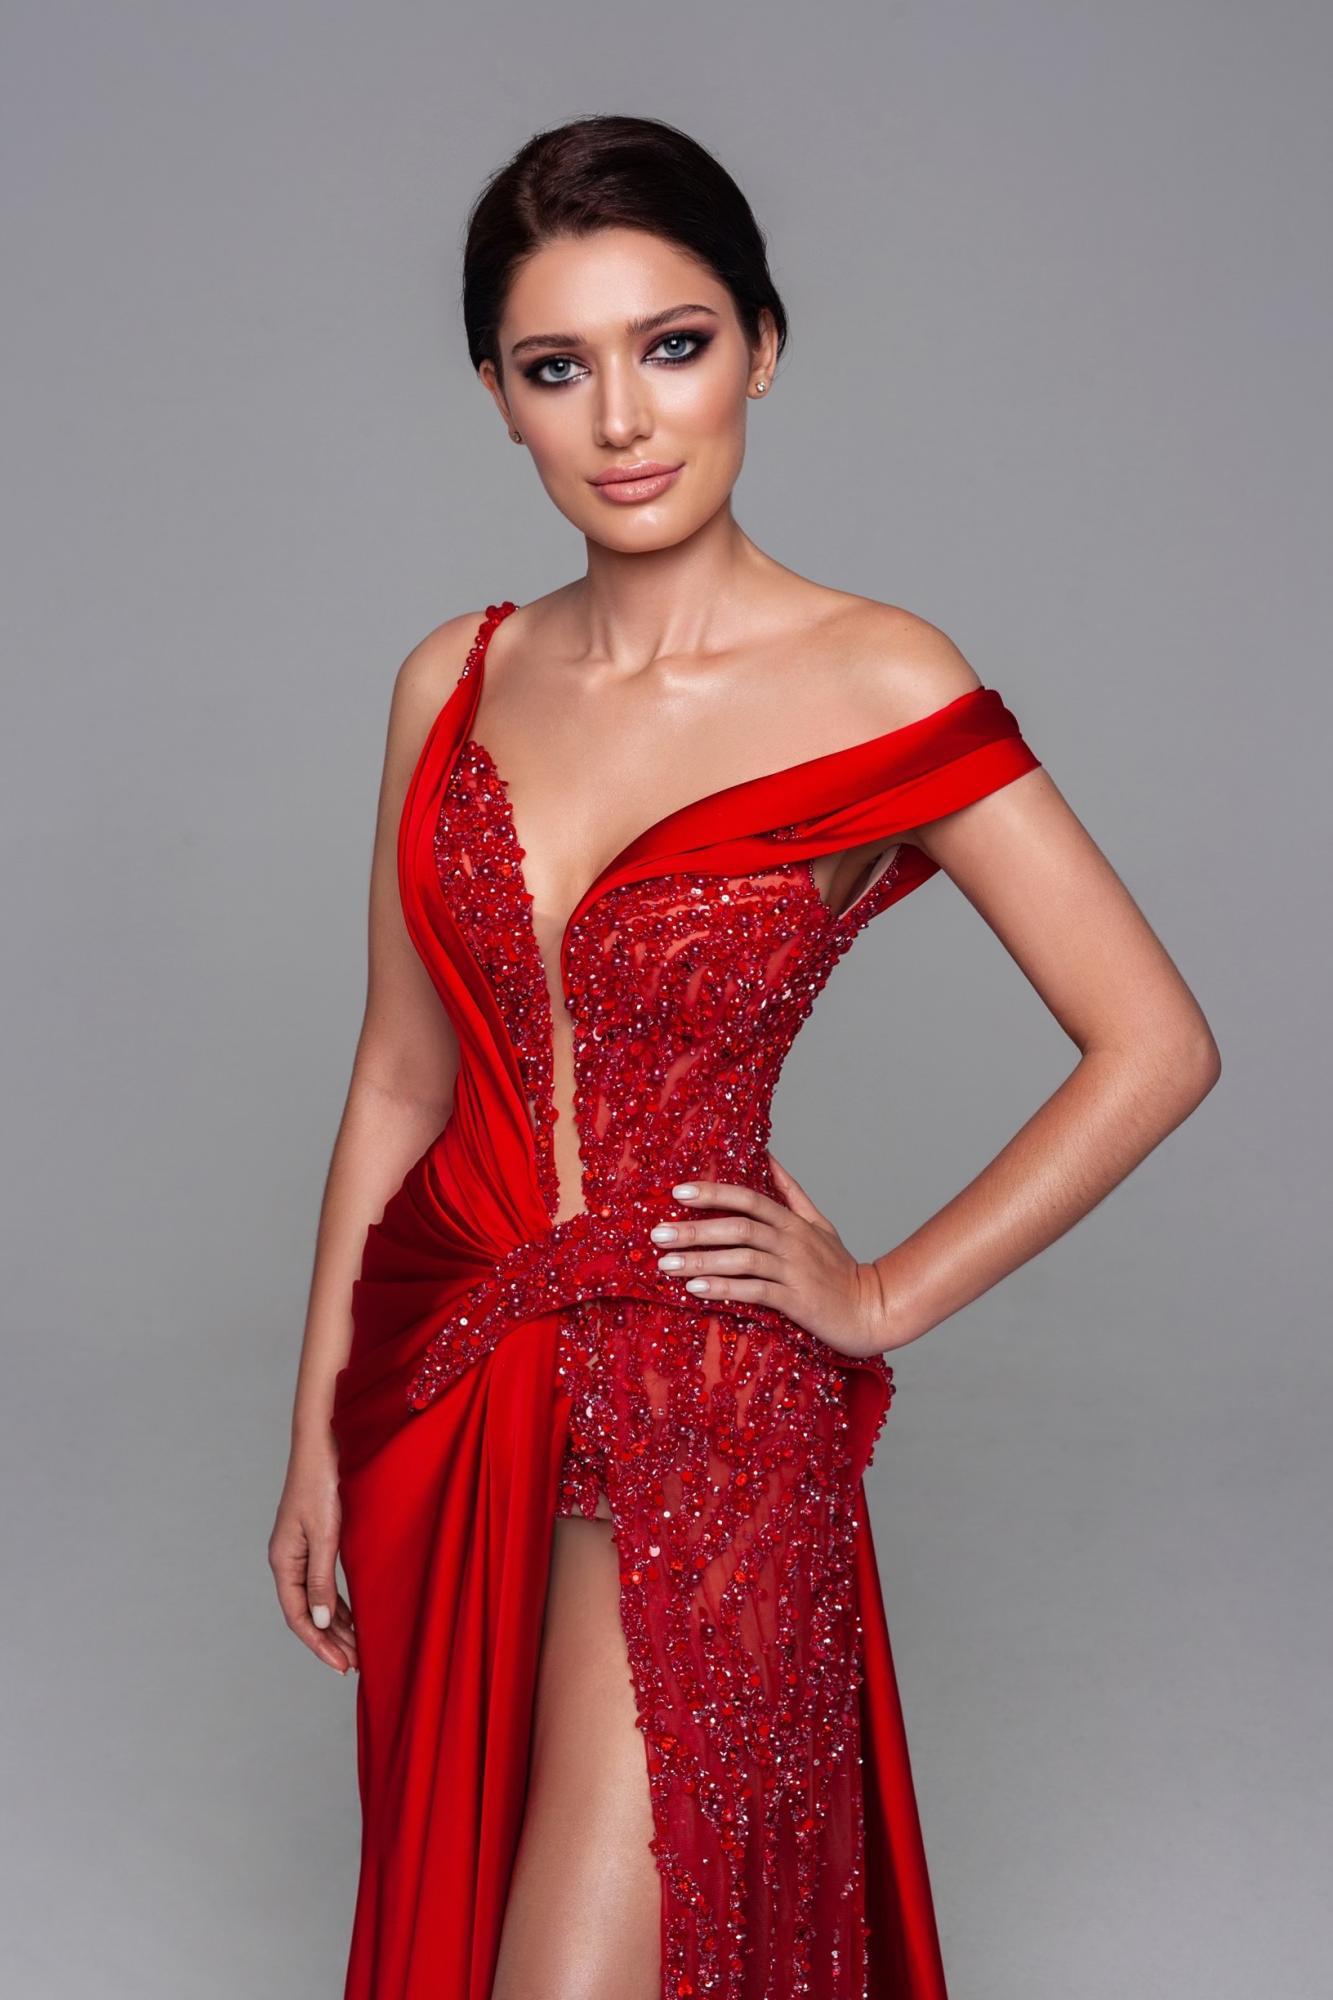 Міс Всесвіт 2021: карколомні вбрання української красуні (фото)